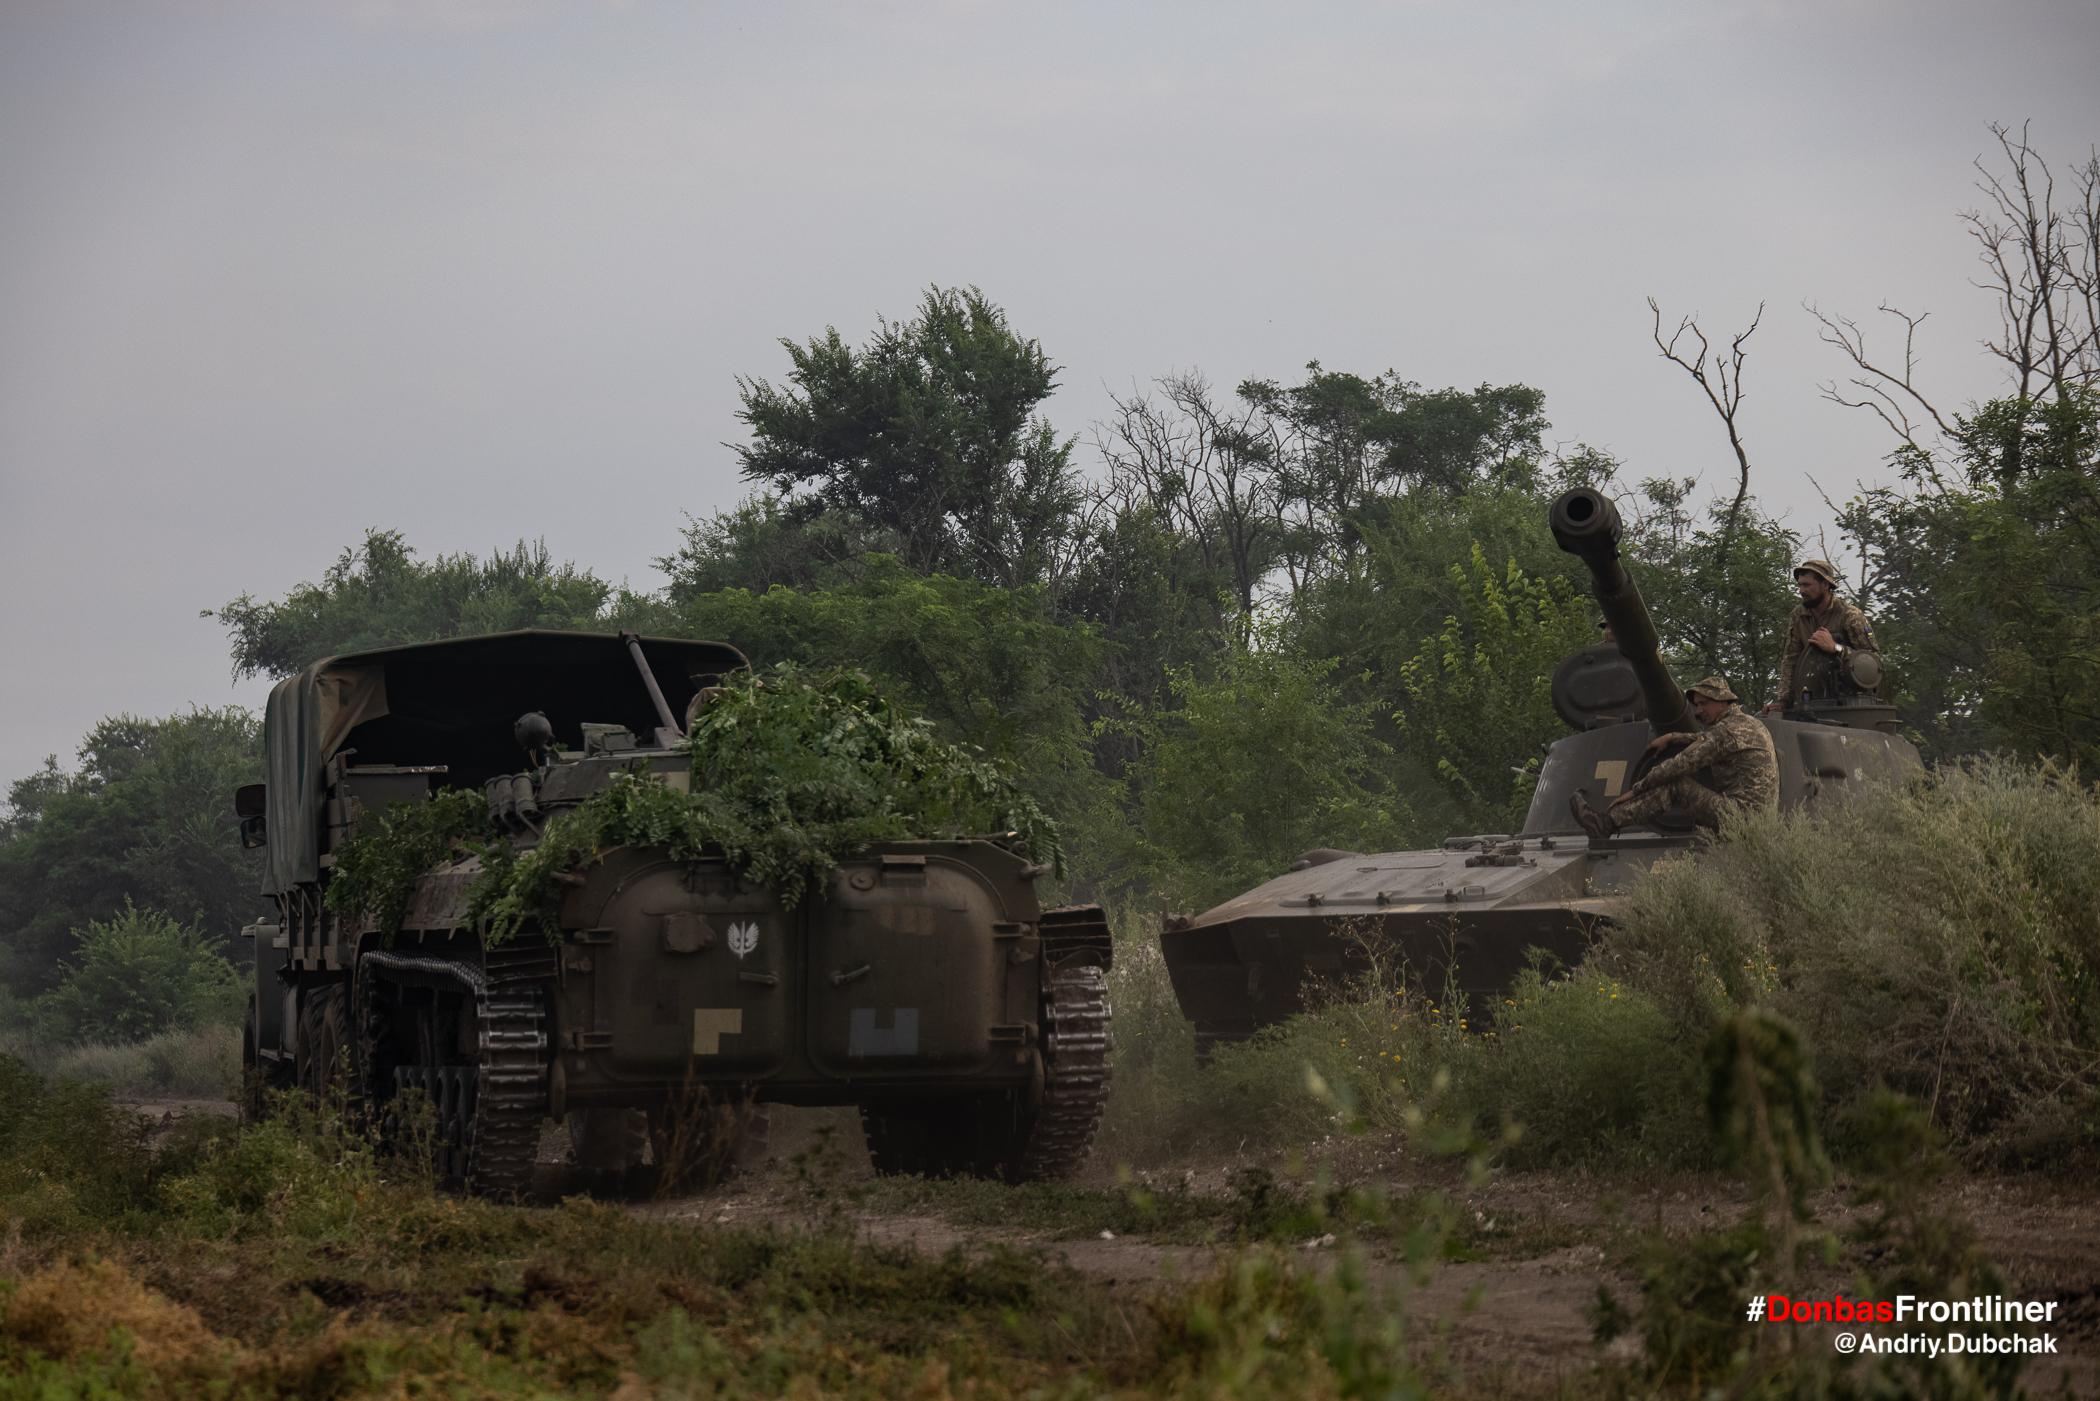 Тренування транспортування підбитого БМП. Бойове тренування 503-го батальйону морської піхоти на Приазов'ї, липень 2021 року